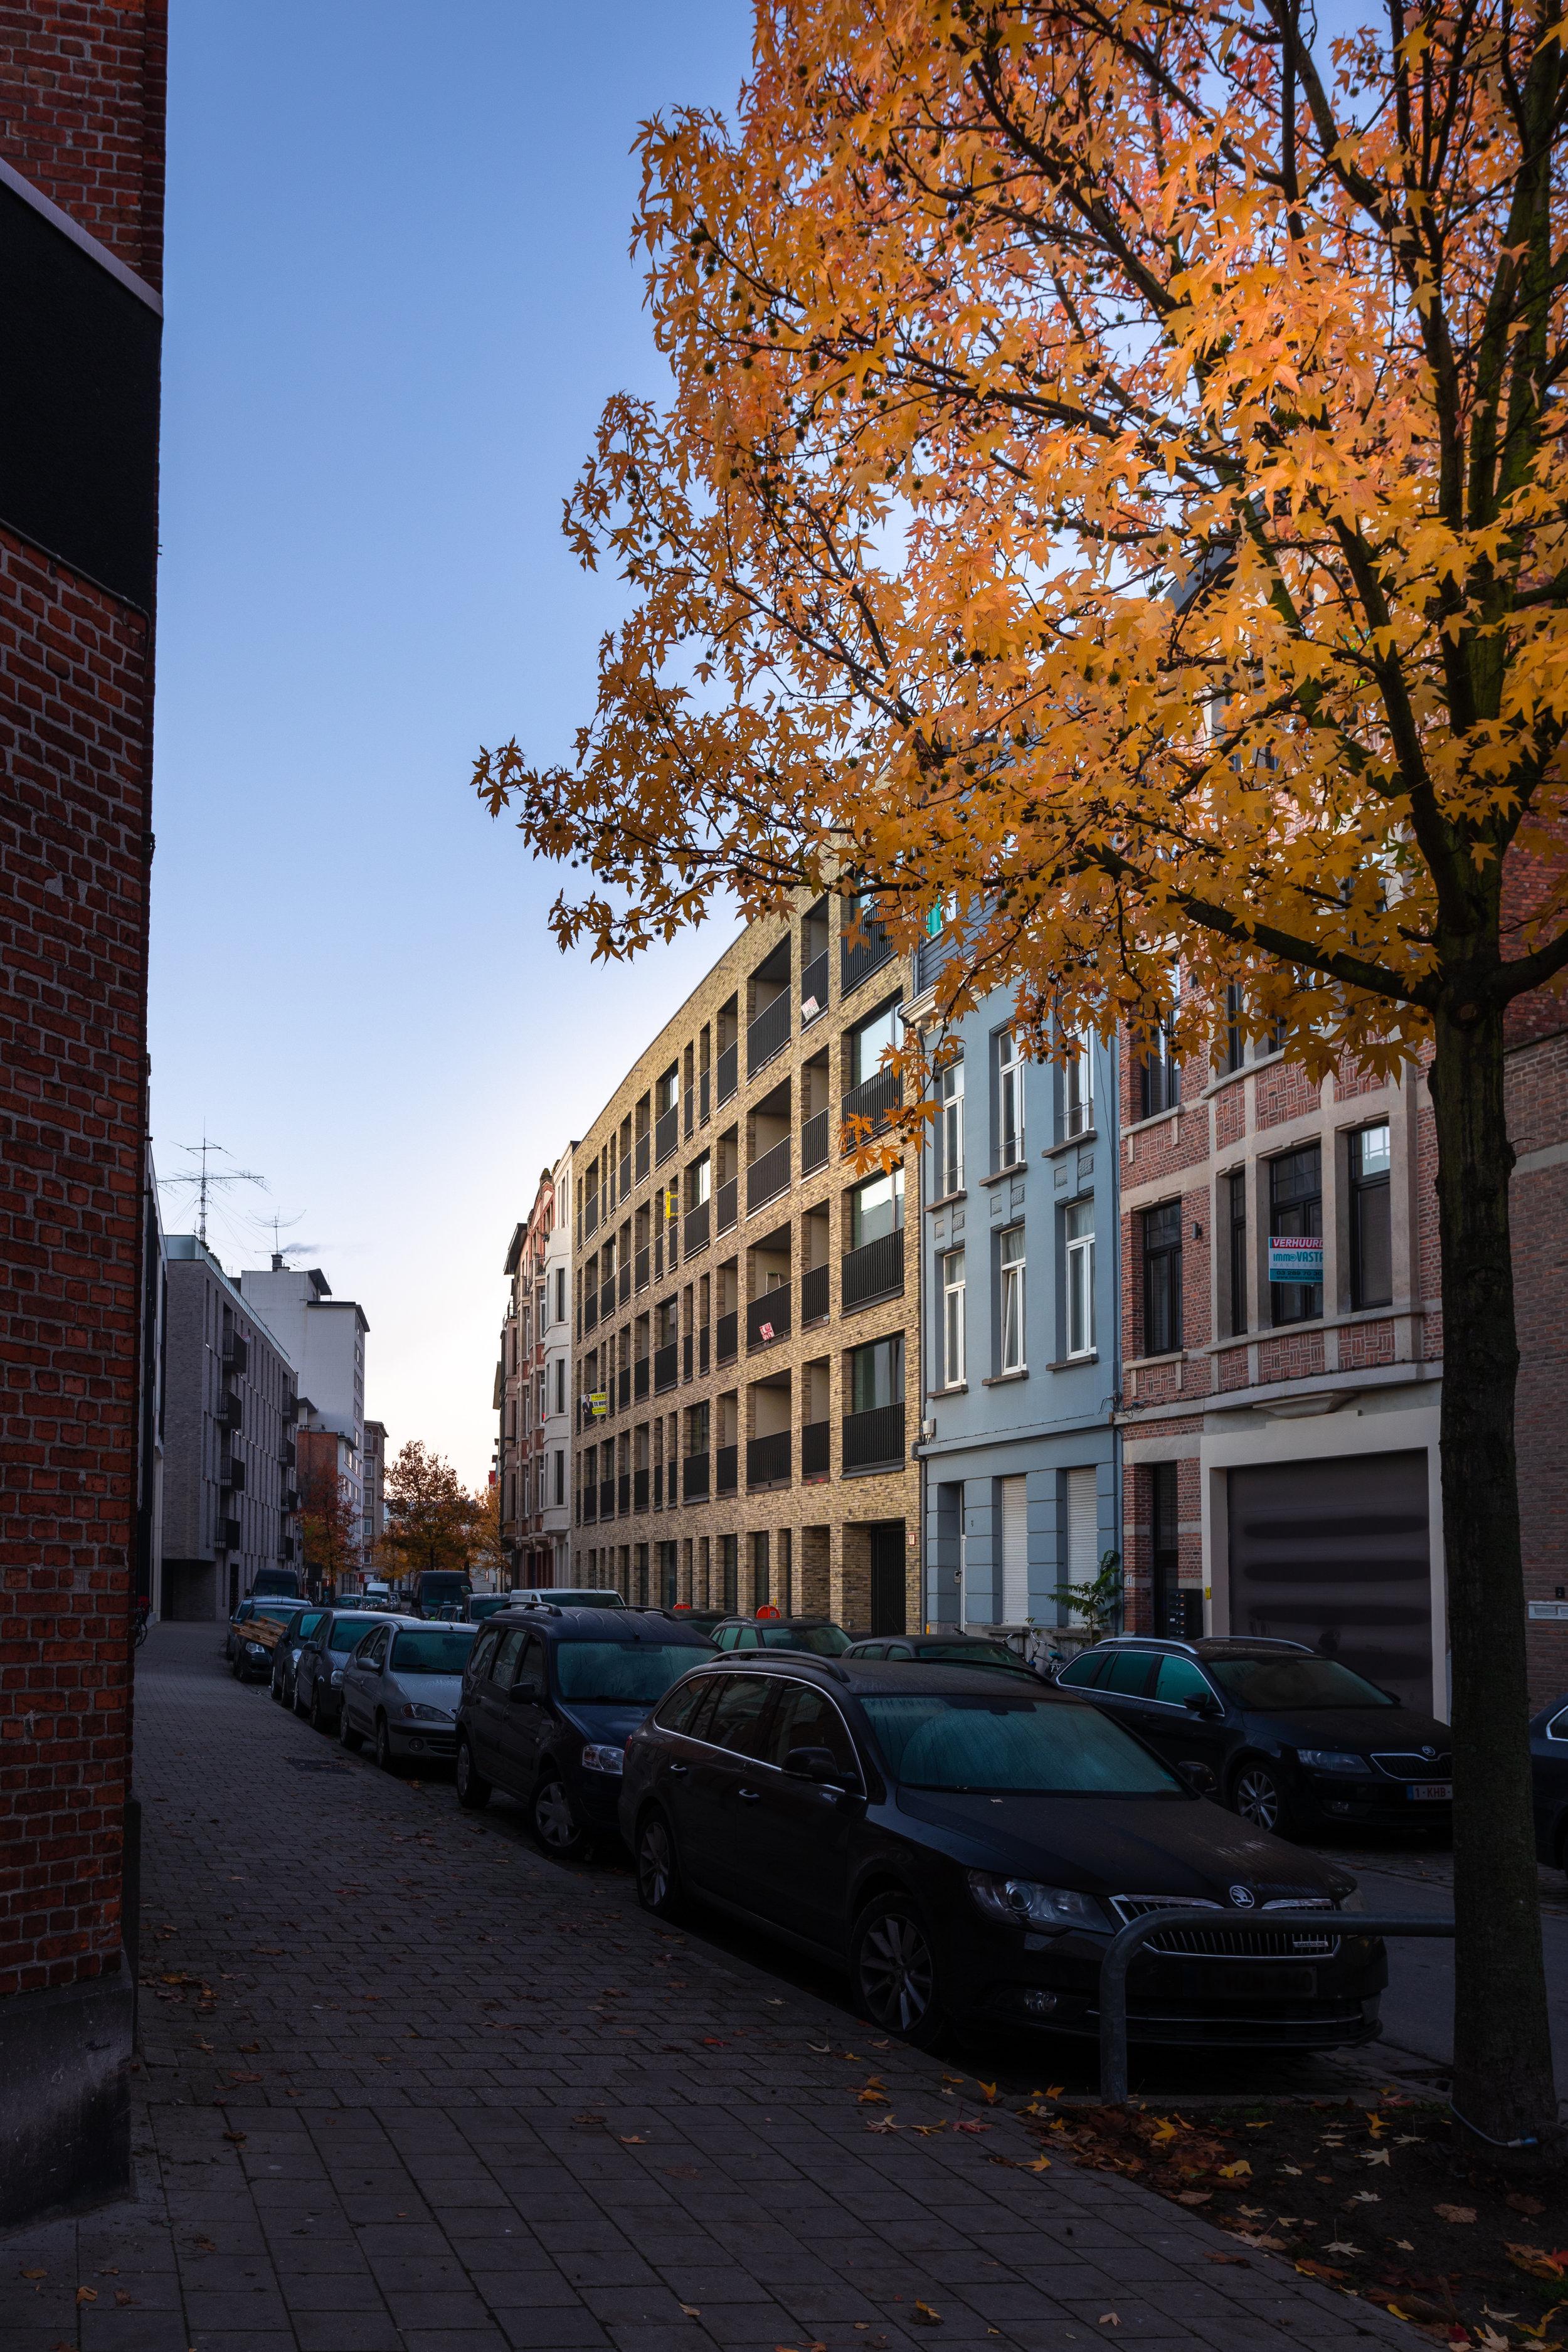 Bouwenstraat, Antwerpen